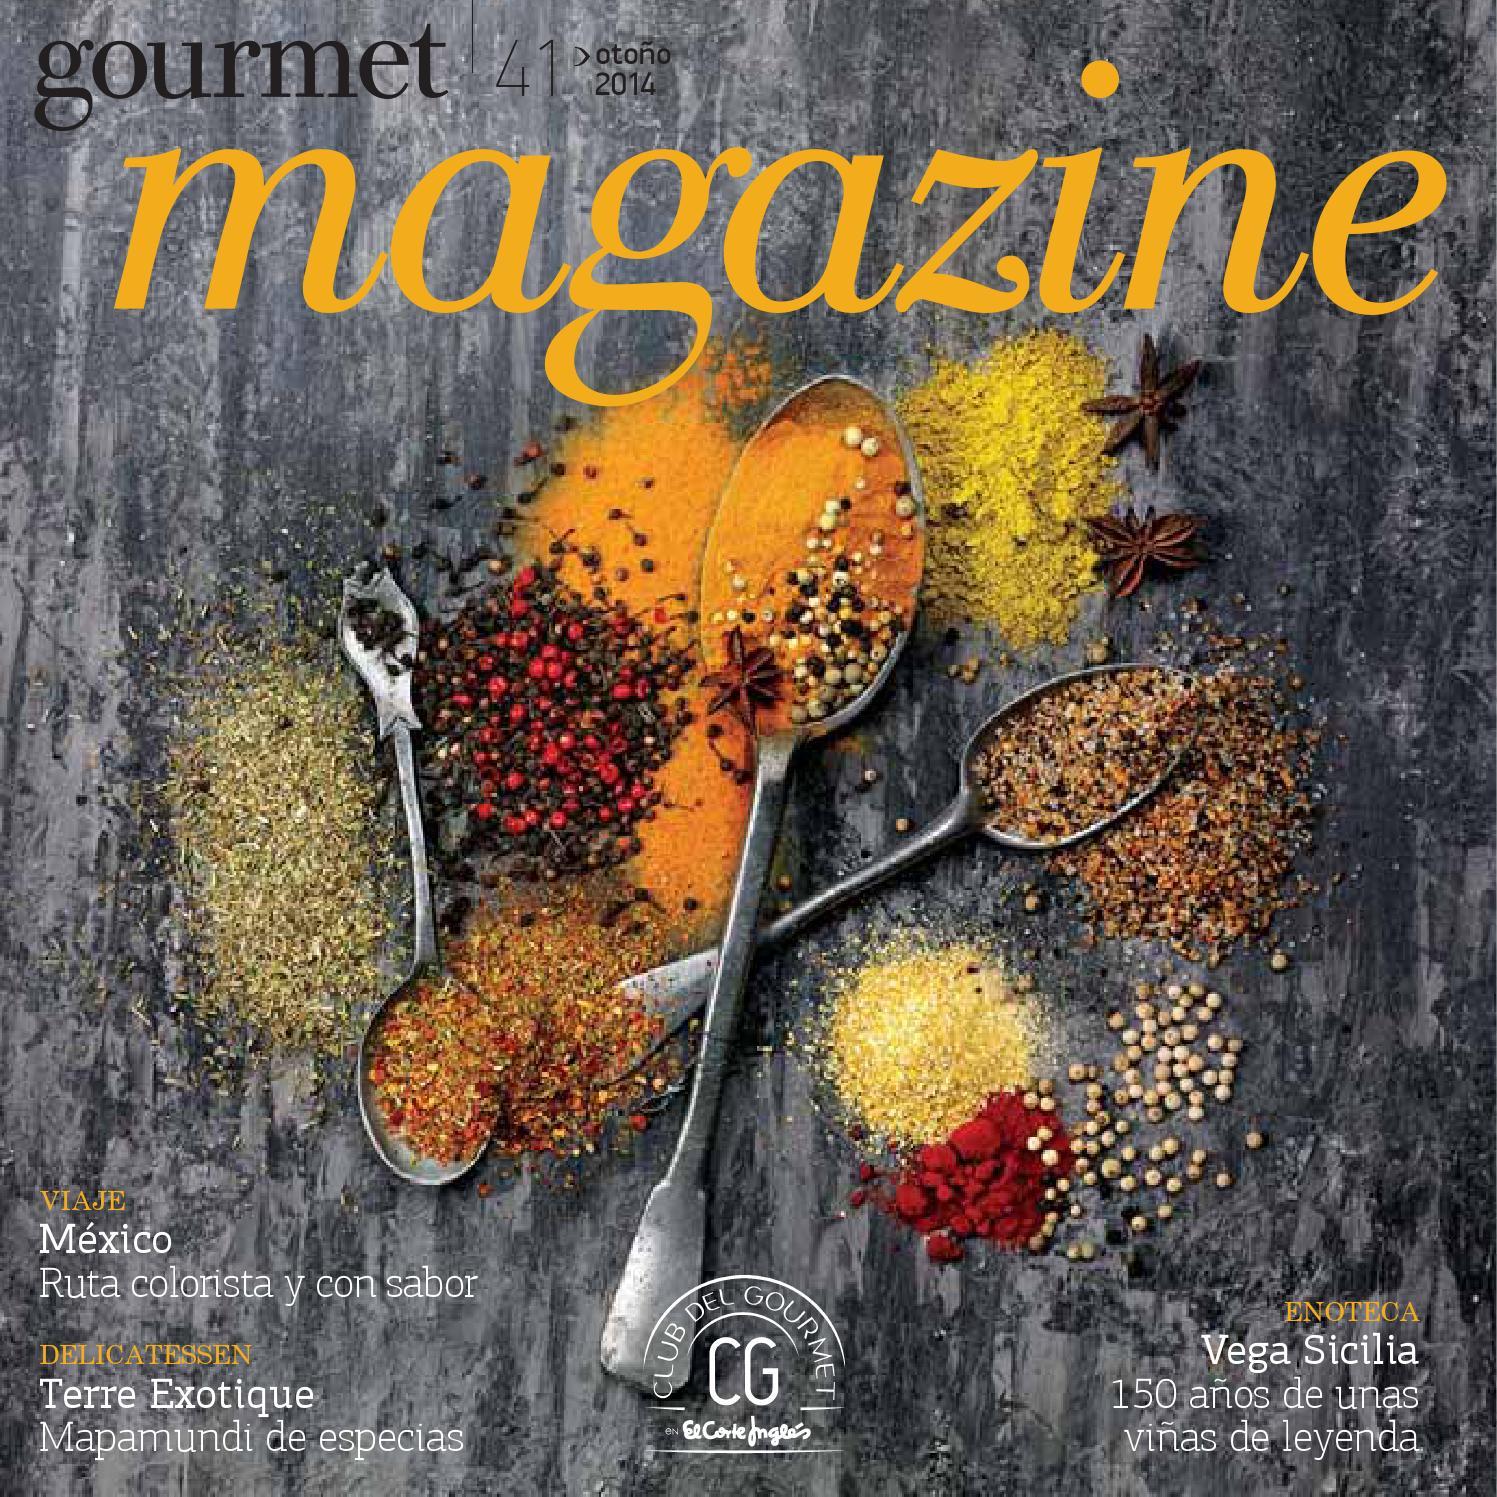 El Corte Ingl S Gourmet Magazine Invierno 2013 By Andr Gon Alves  ~ Album De Fotos Tradicional El Corte Ingles